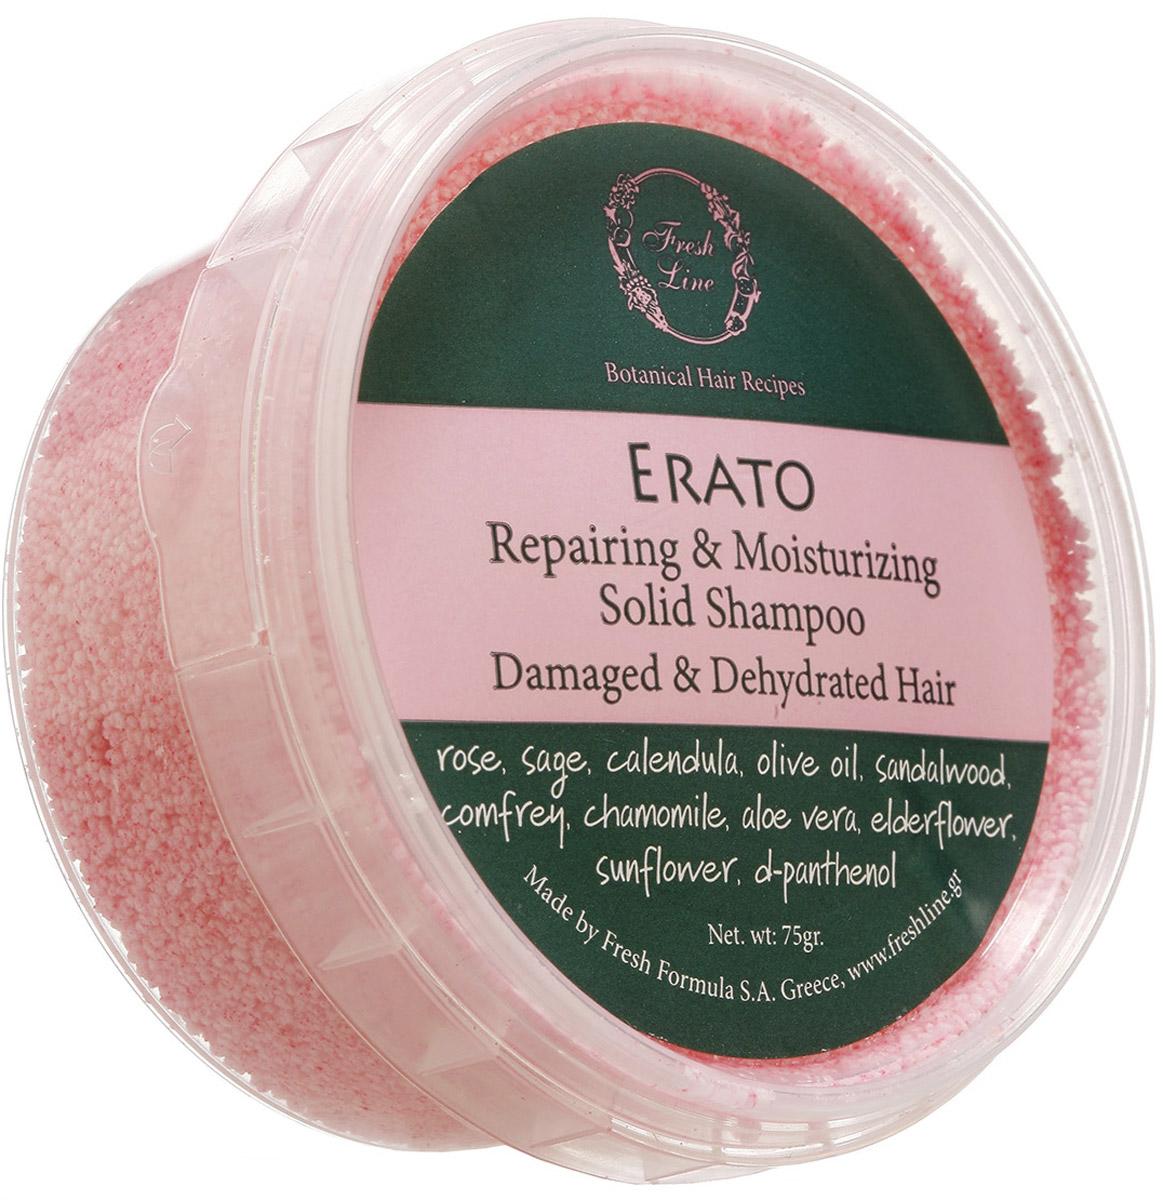 Фото Fresh Line Шампунь твердый для сухих и поврежденных волос восстанавливающий Эрато, 70 г. Купить  в РФ